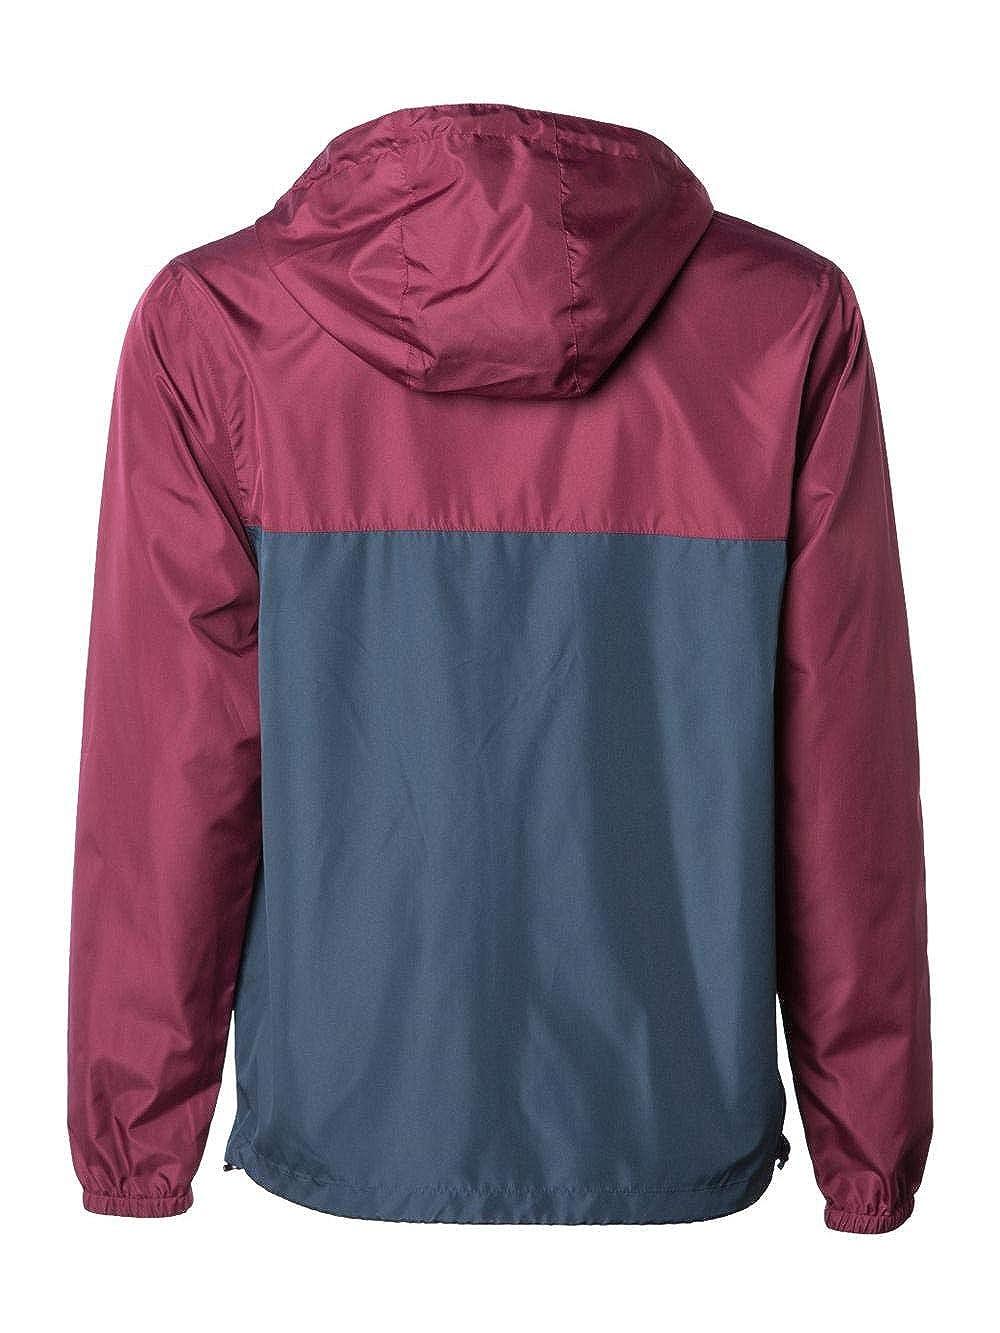 Independent Trading Co............. EXP54LWZ Light Weight Windbreaker Zip Jacket